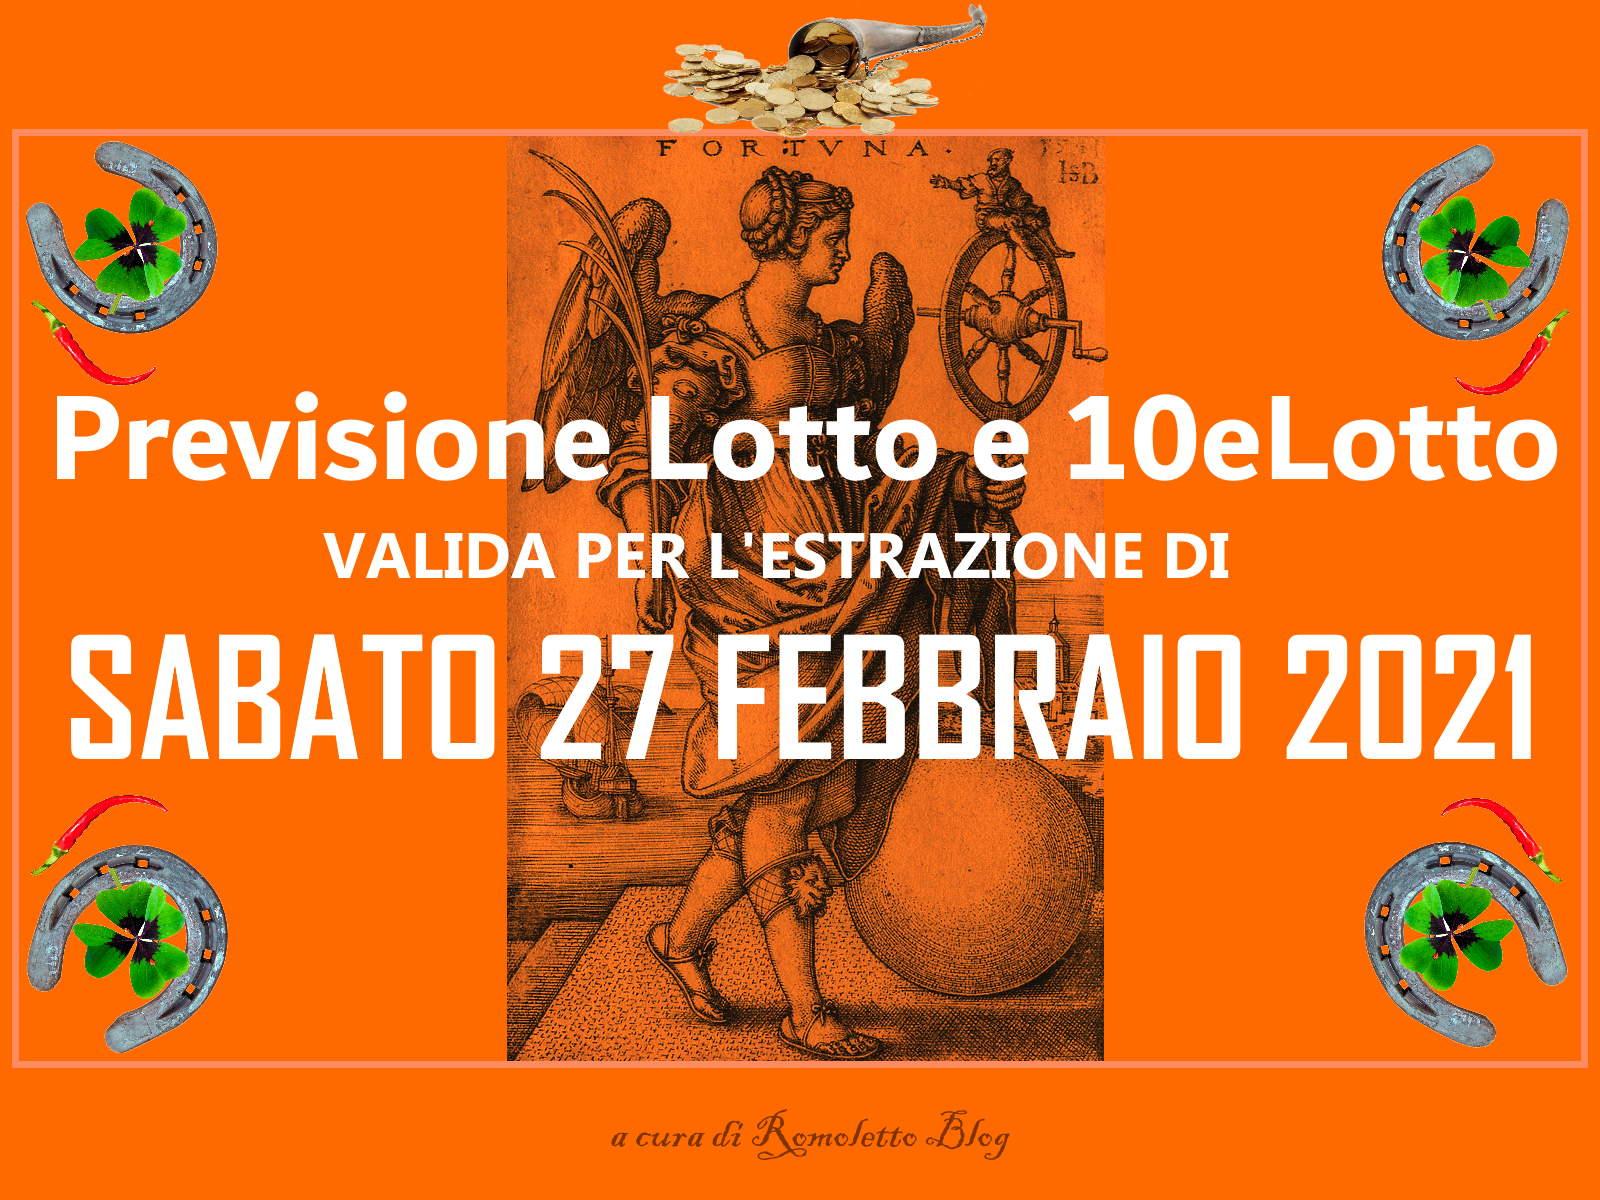 Previsione Lotto e 10eLotto del 27 Febbraio 2021